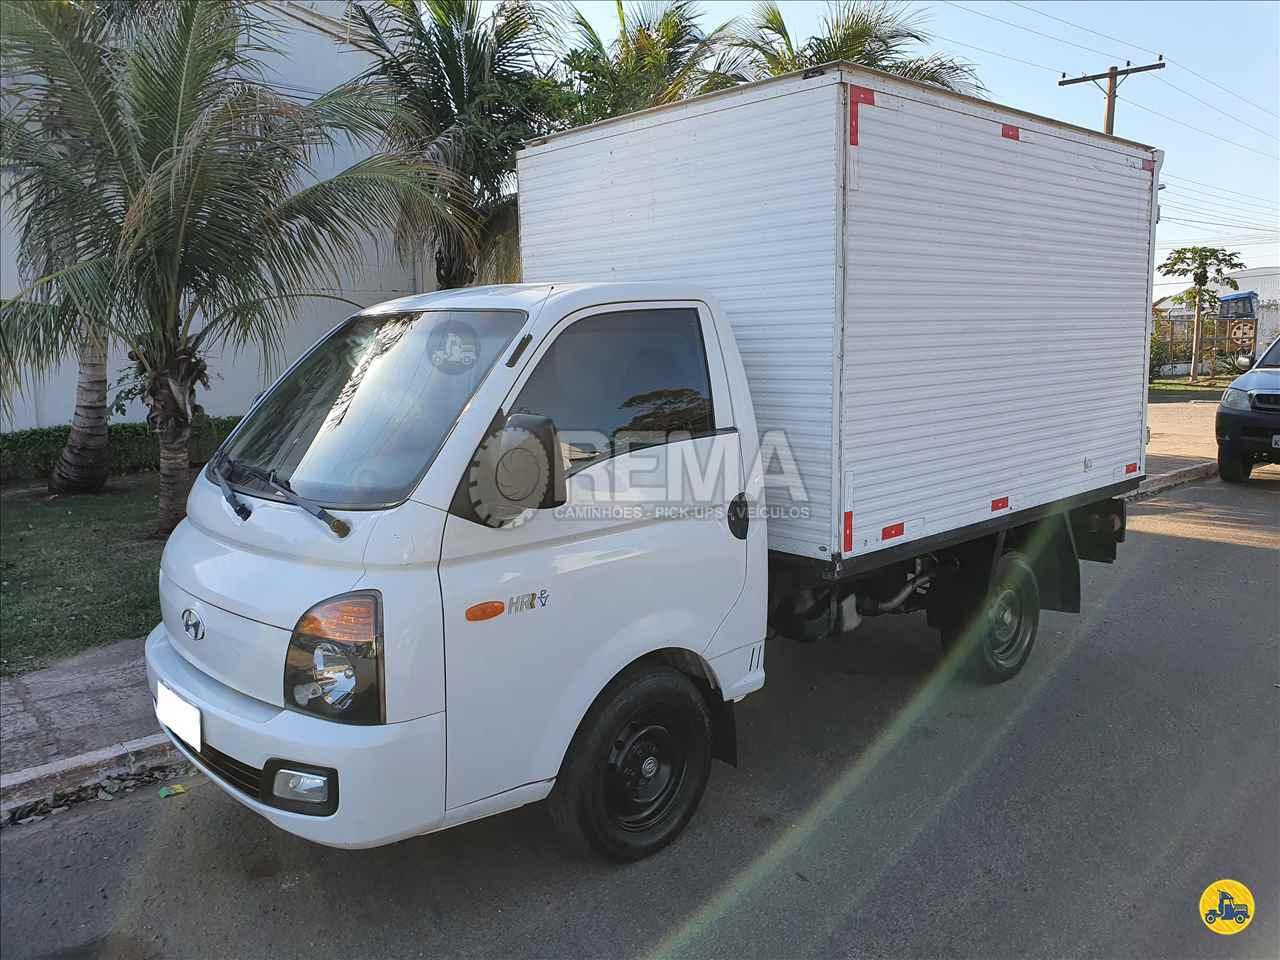 CAMINHAO HYUNDAI HR Baú Furgão 3/4 4x2 Rema Caminhões - MS CAMPO GRANDE MATO GROSSO DO SUL MS